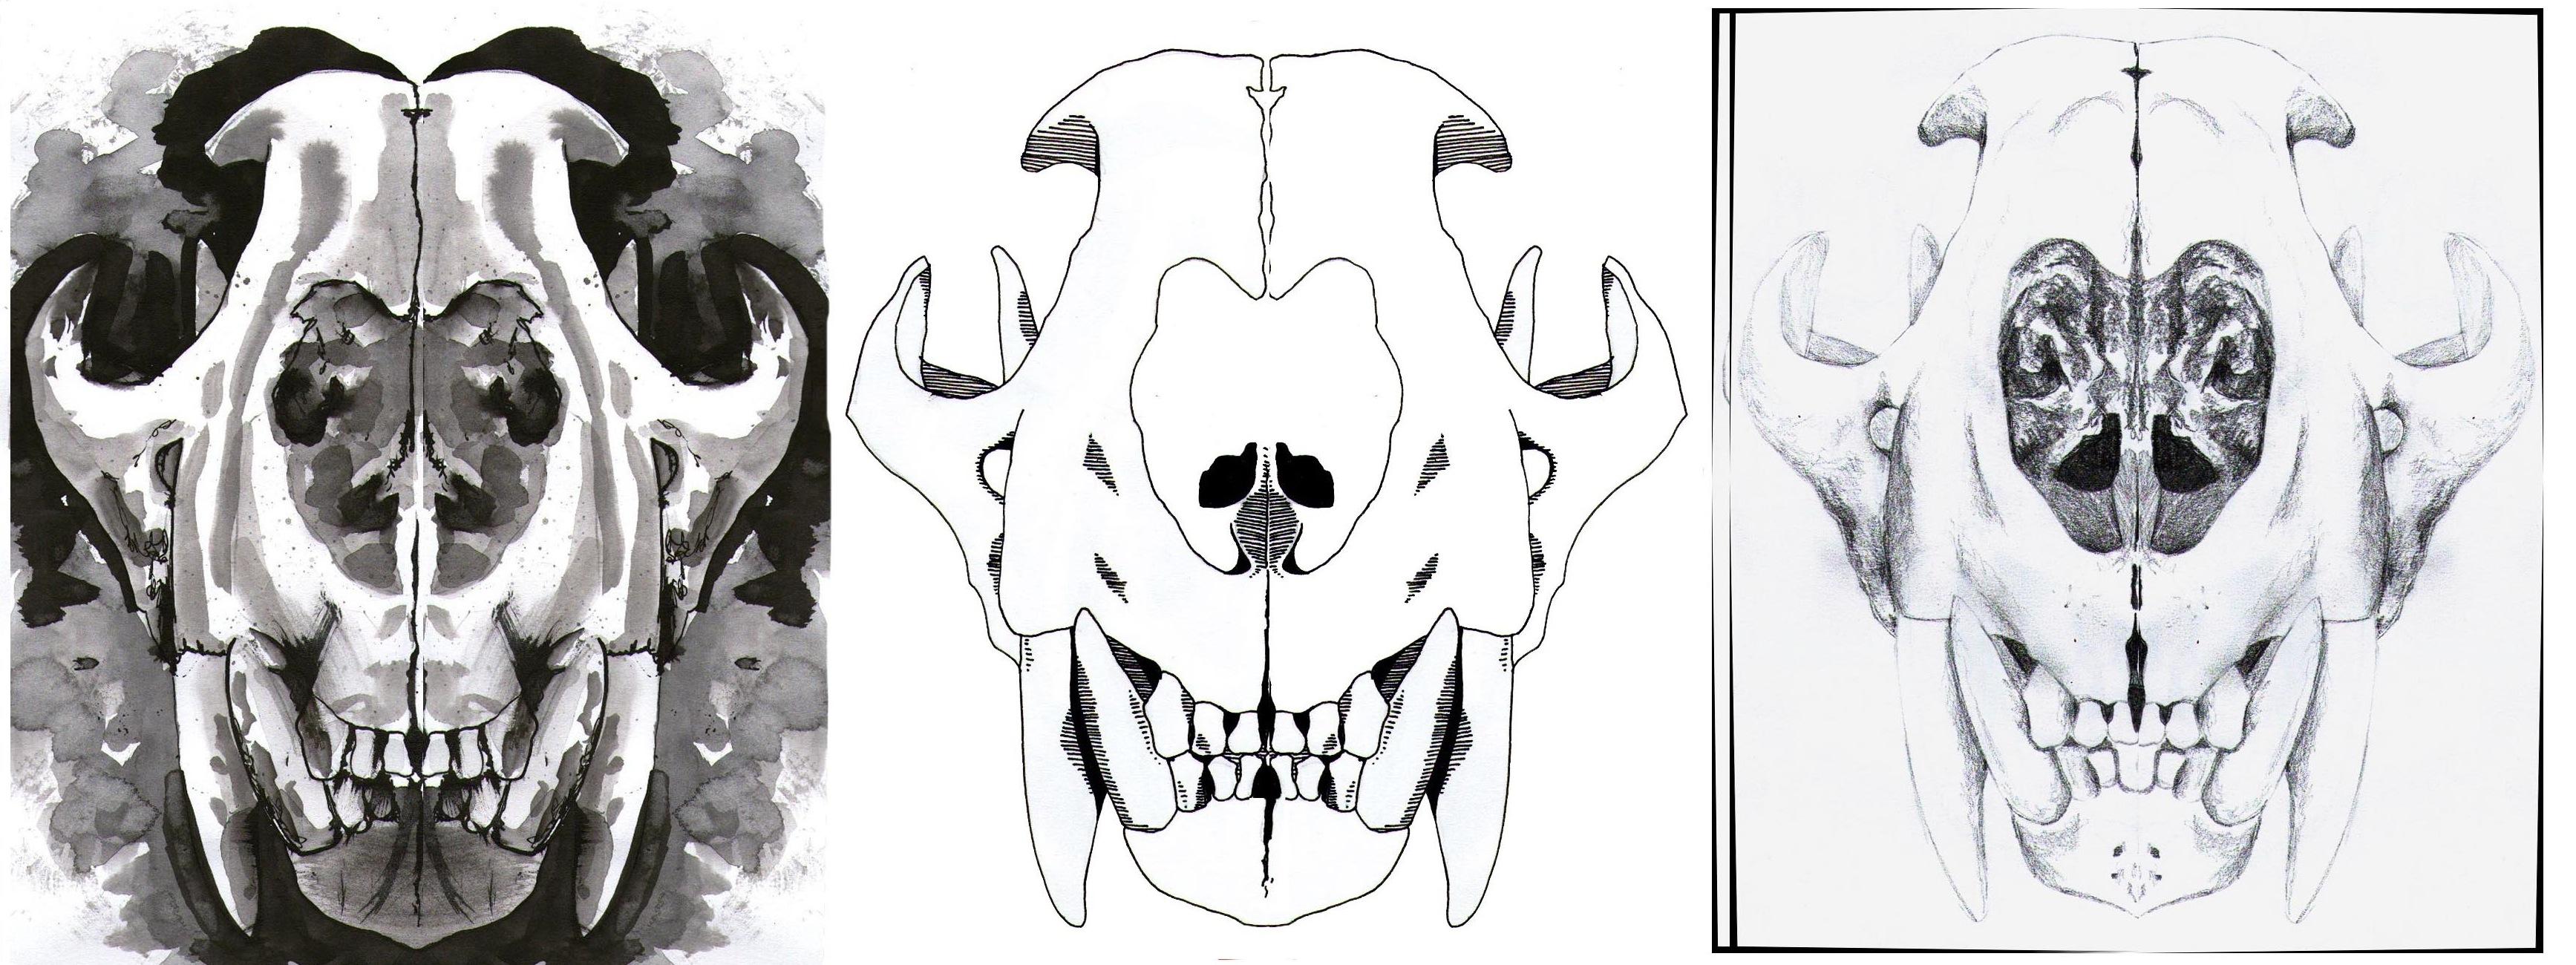 More Tiger Skulls Mollyjeansharp